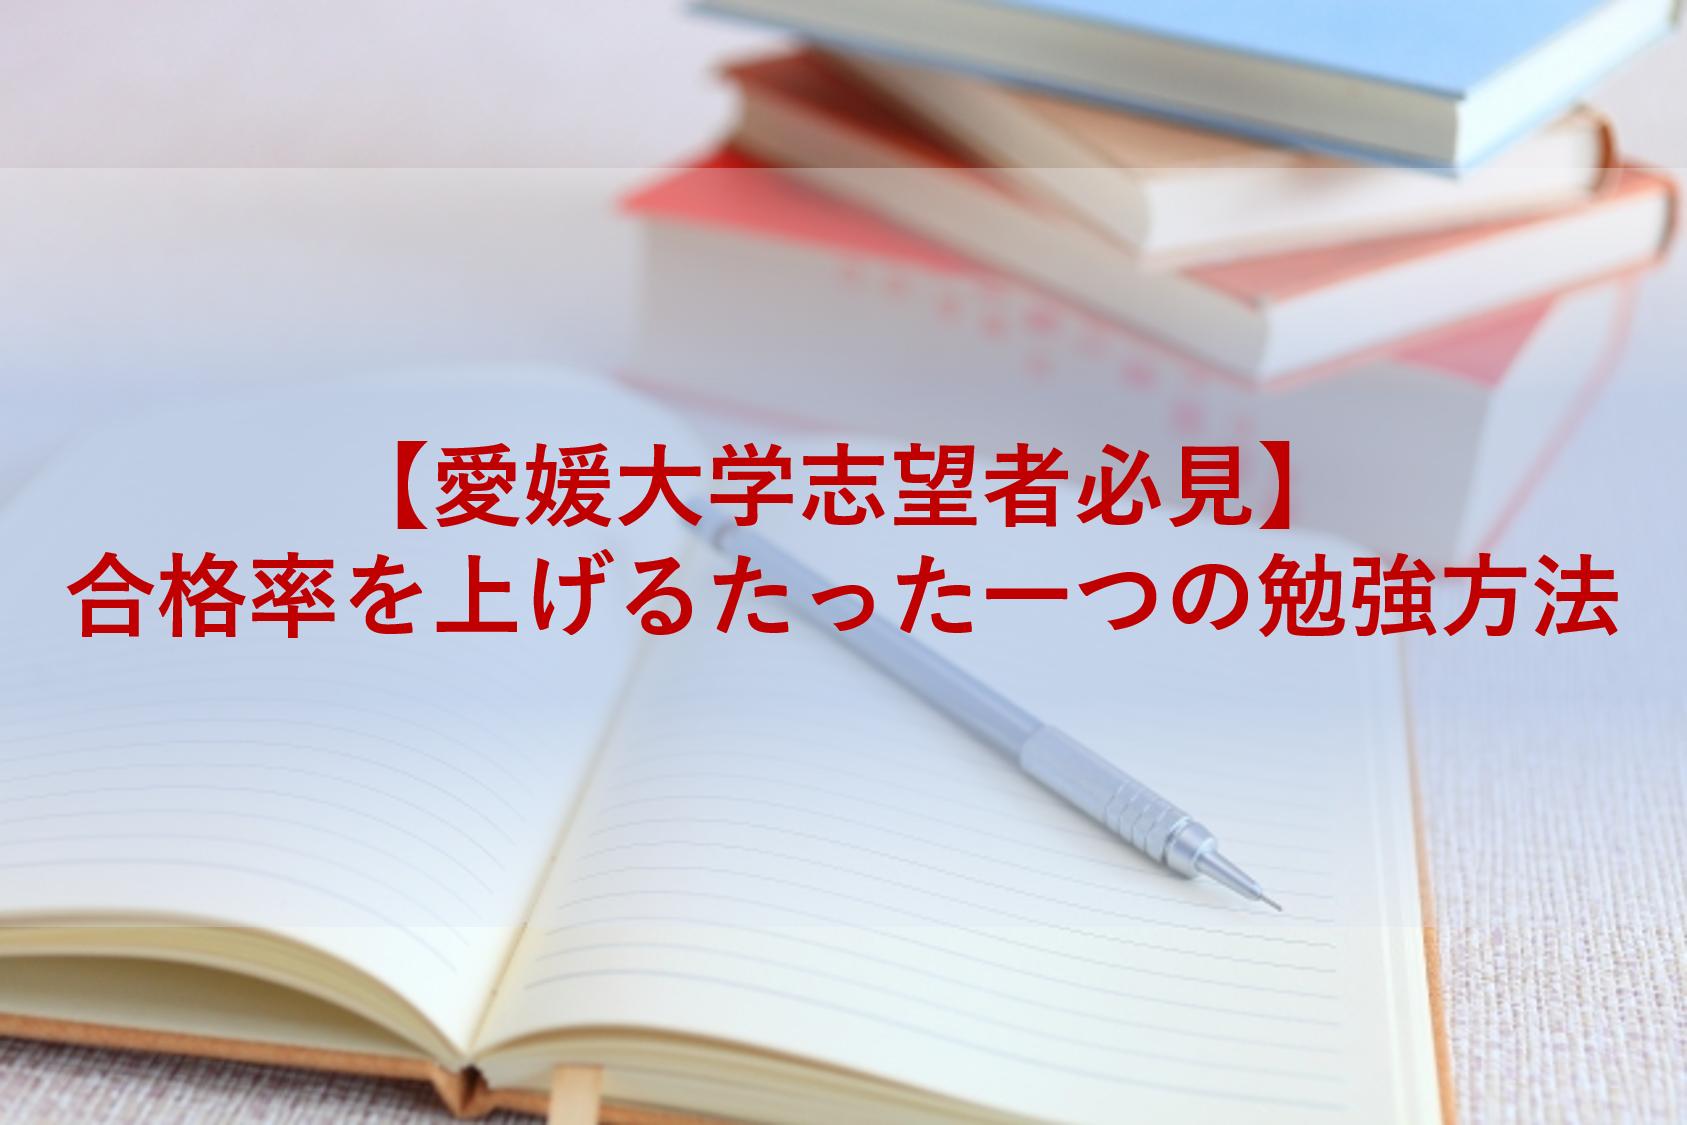 愛媛大学 受験 勉強